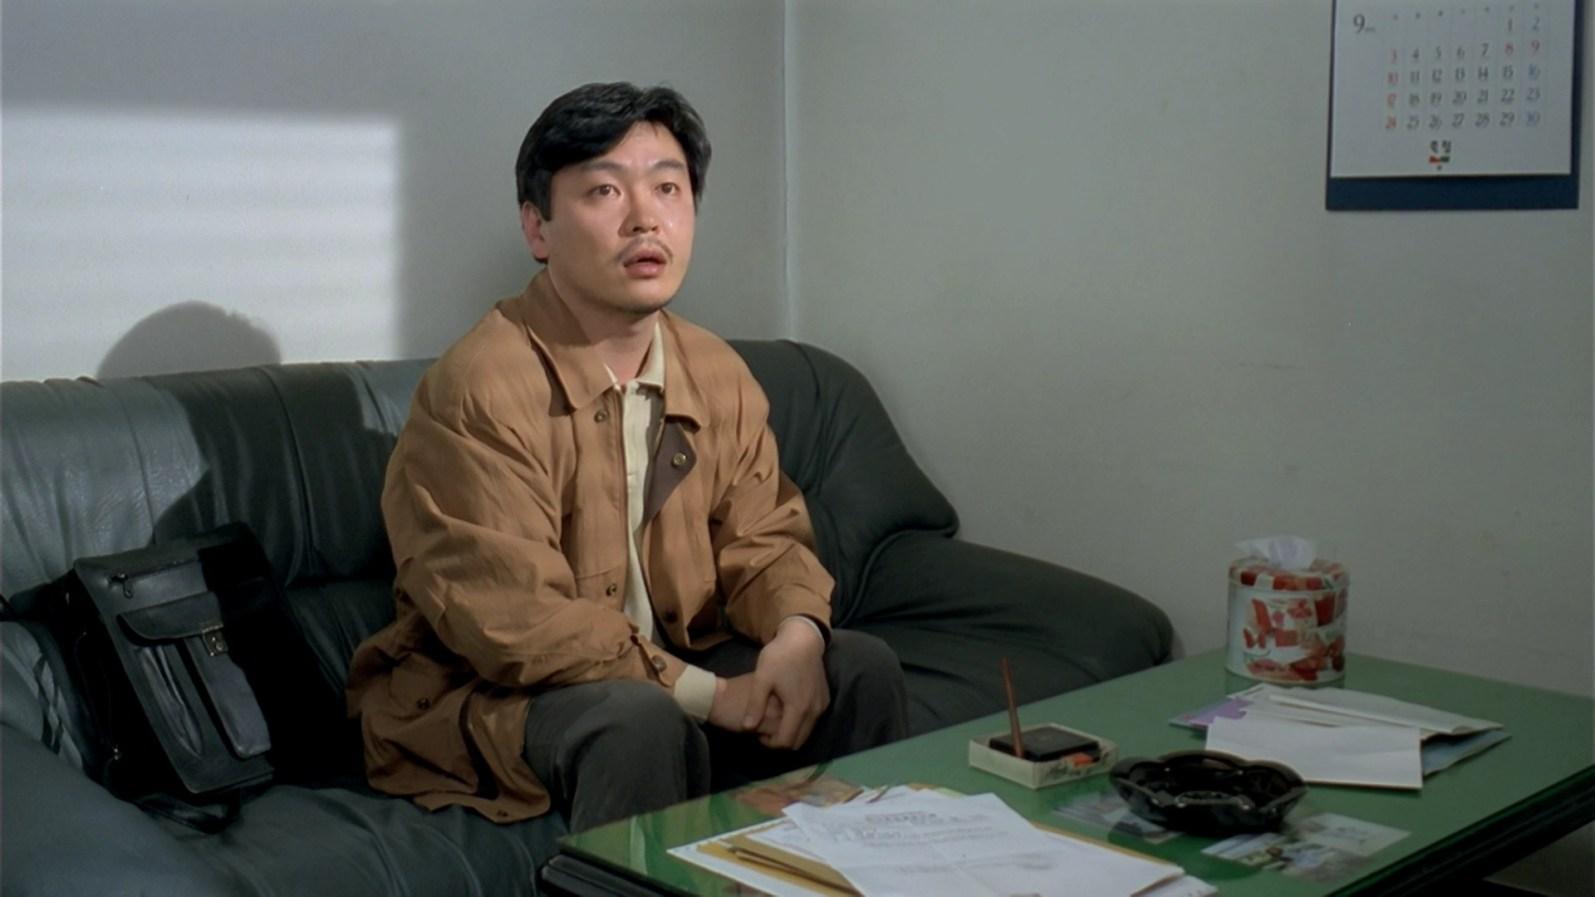 Le jour où le cochon est tombé dans le puits – Hong Sang-Soo